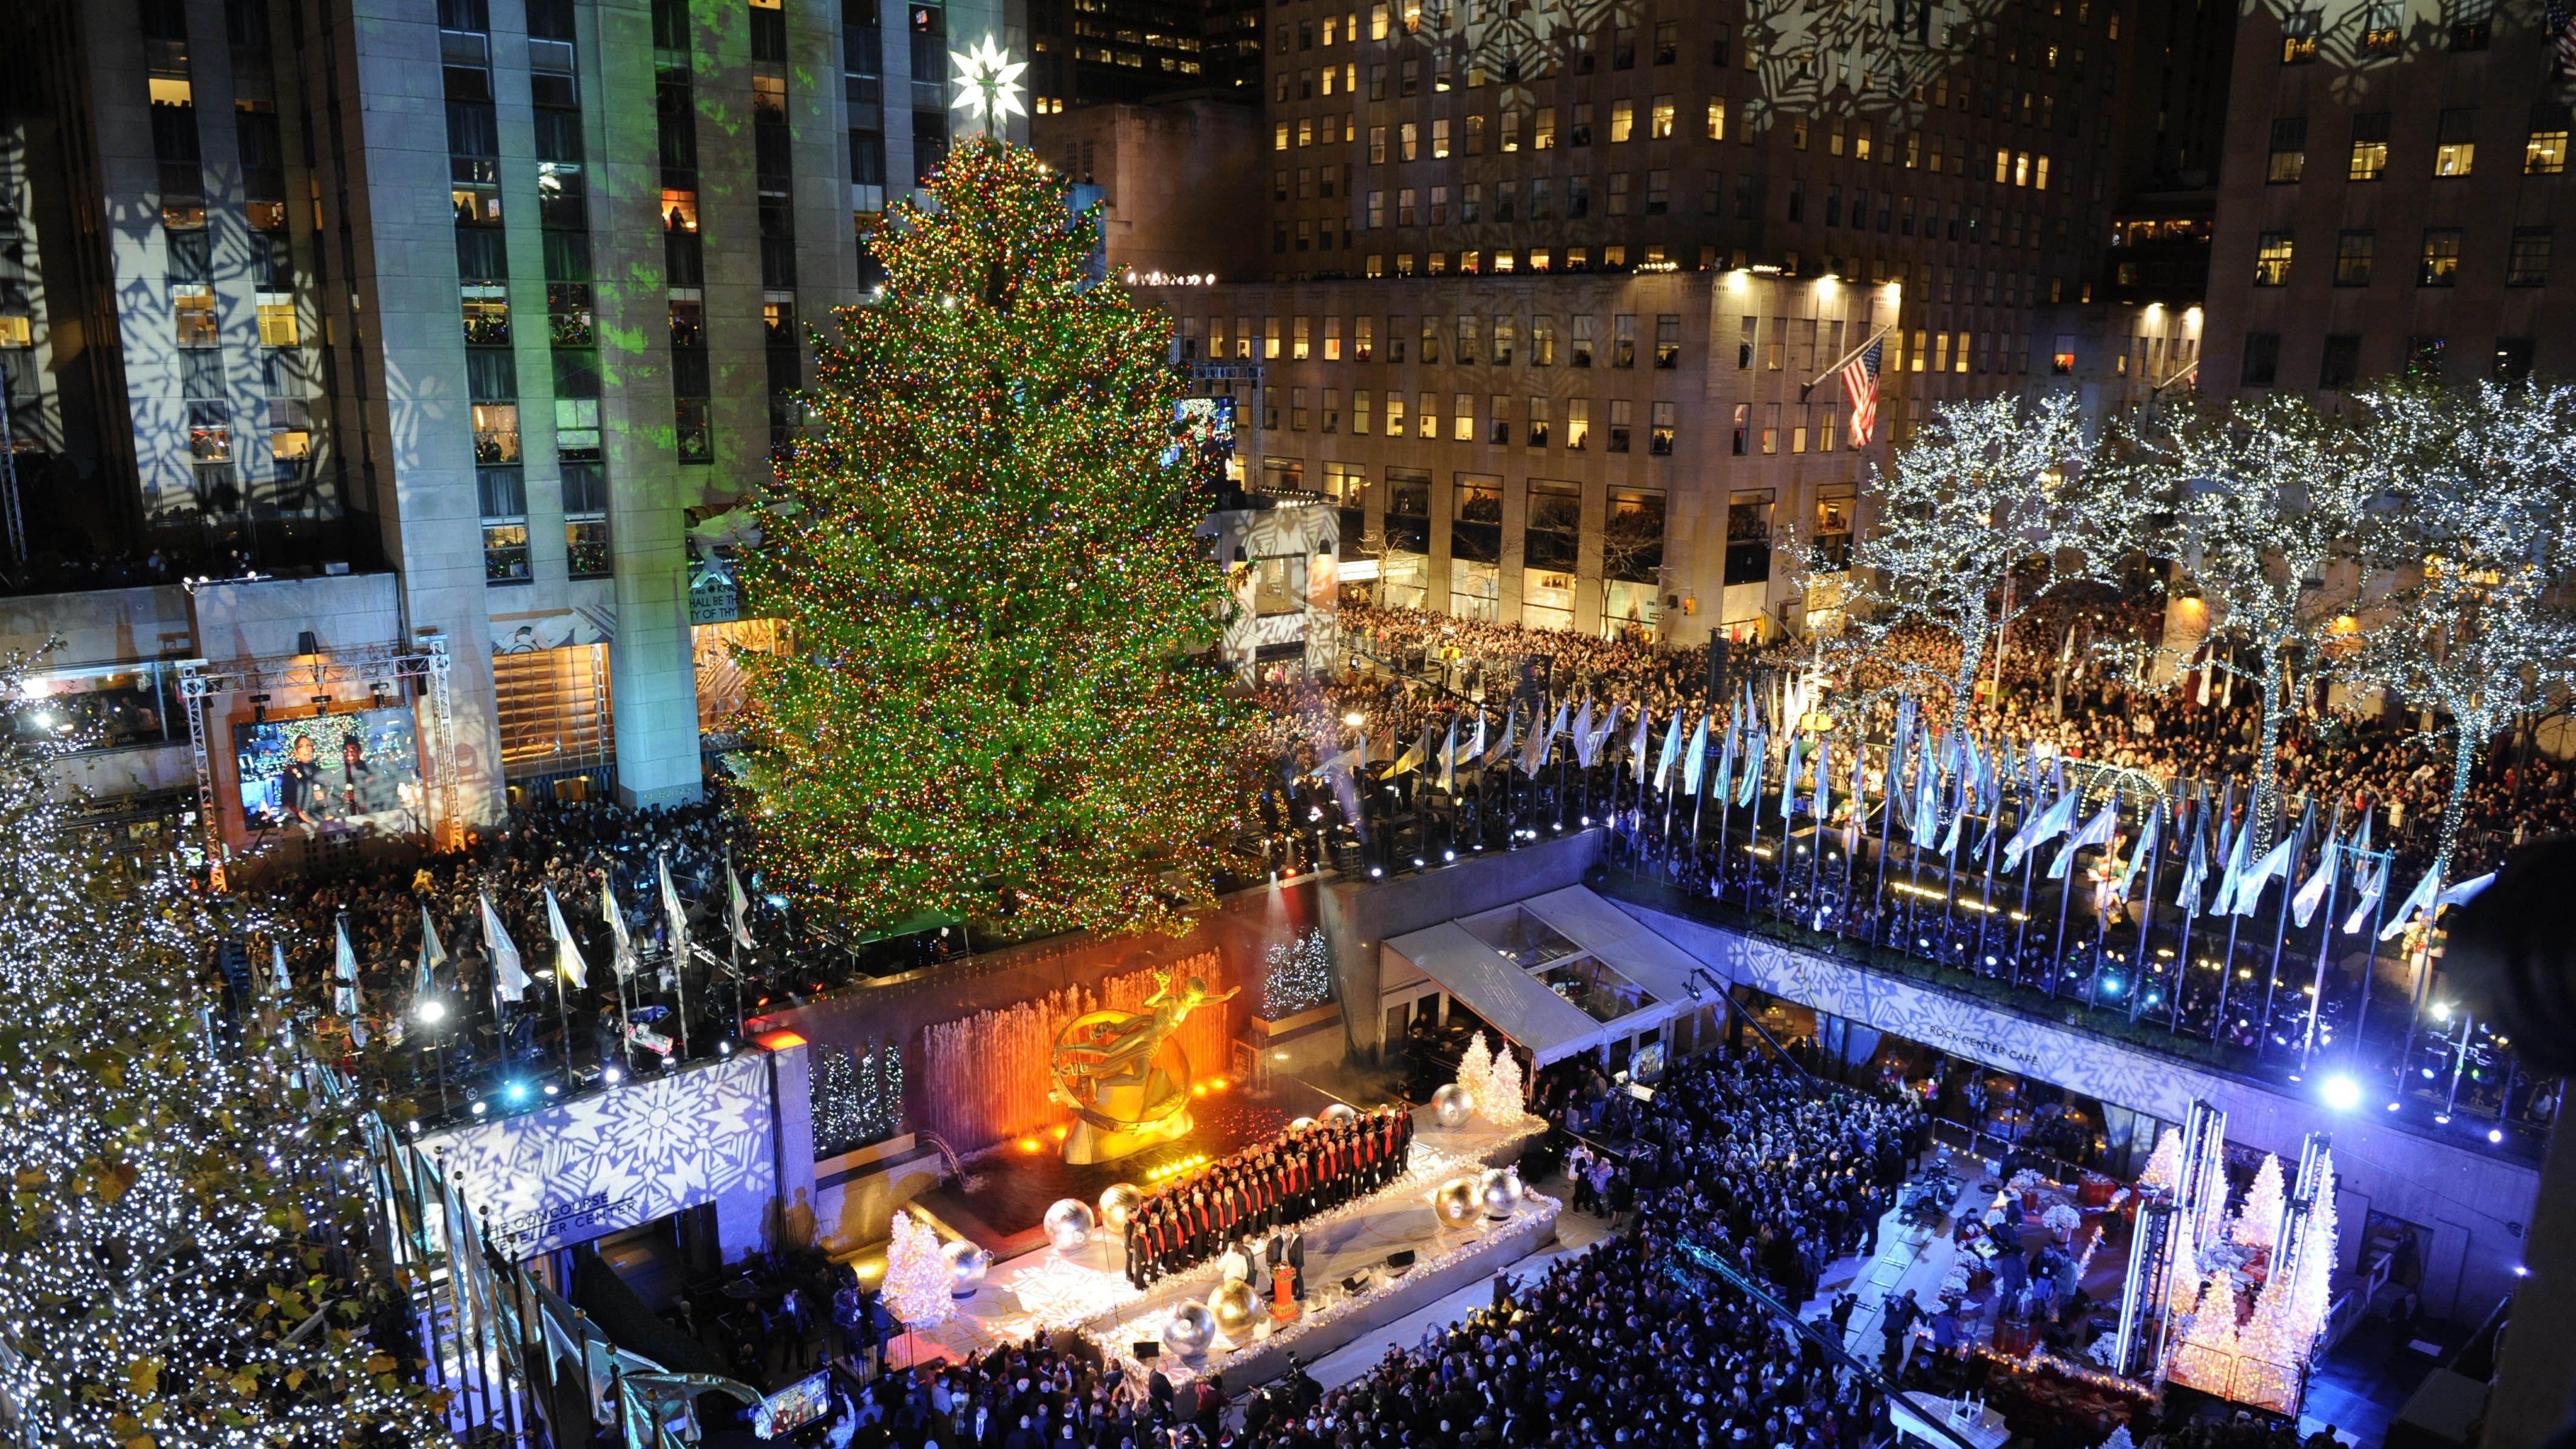 Rockefeller Center Annual Christmas Tree Lighting Manhattan Nyc 4245 X 2388 Rockefeller Center Christmas Tree Rockefeller Center Christmas Nyc Christmas